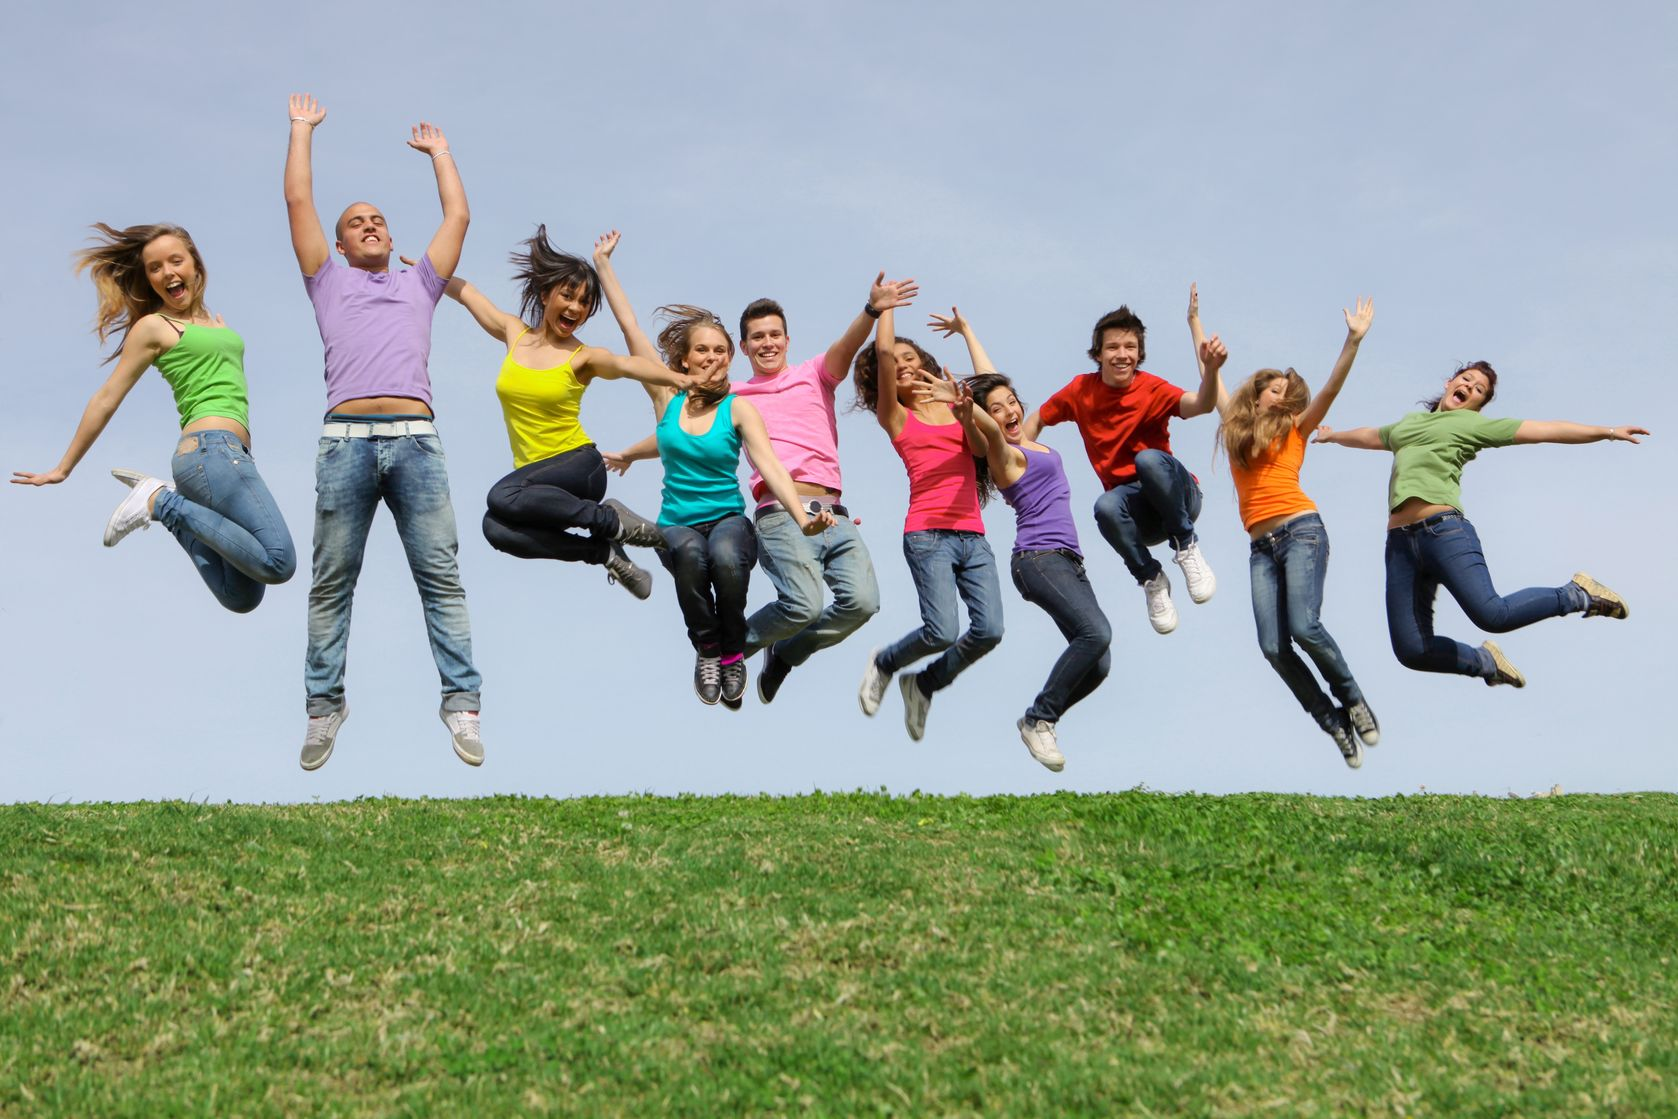 La solidarietà globale dei giovani – Inauguriamo una nuova era di speranza